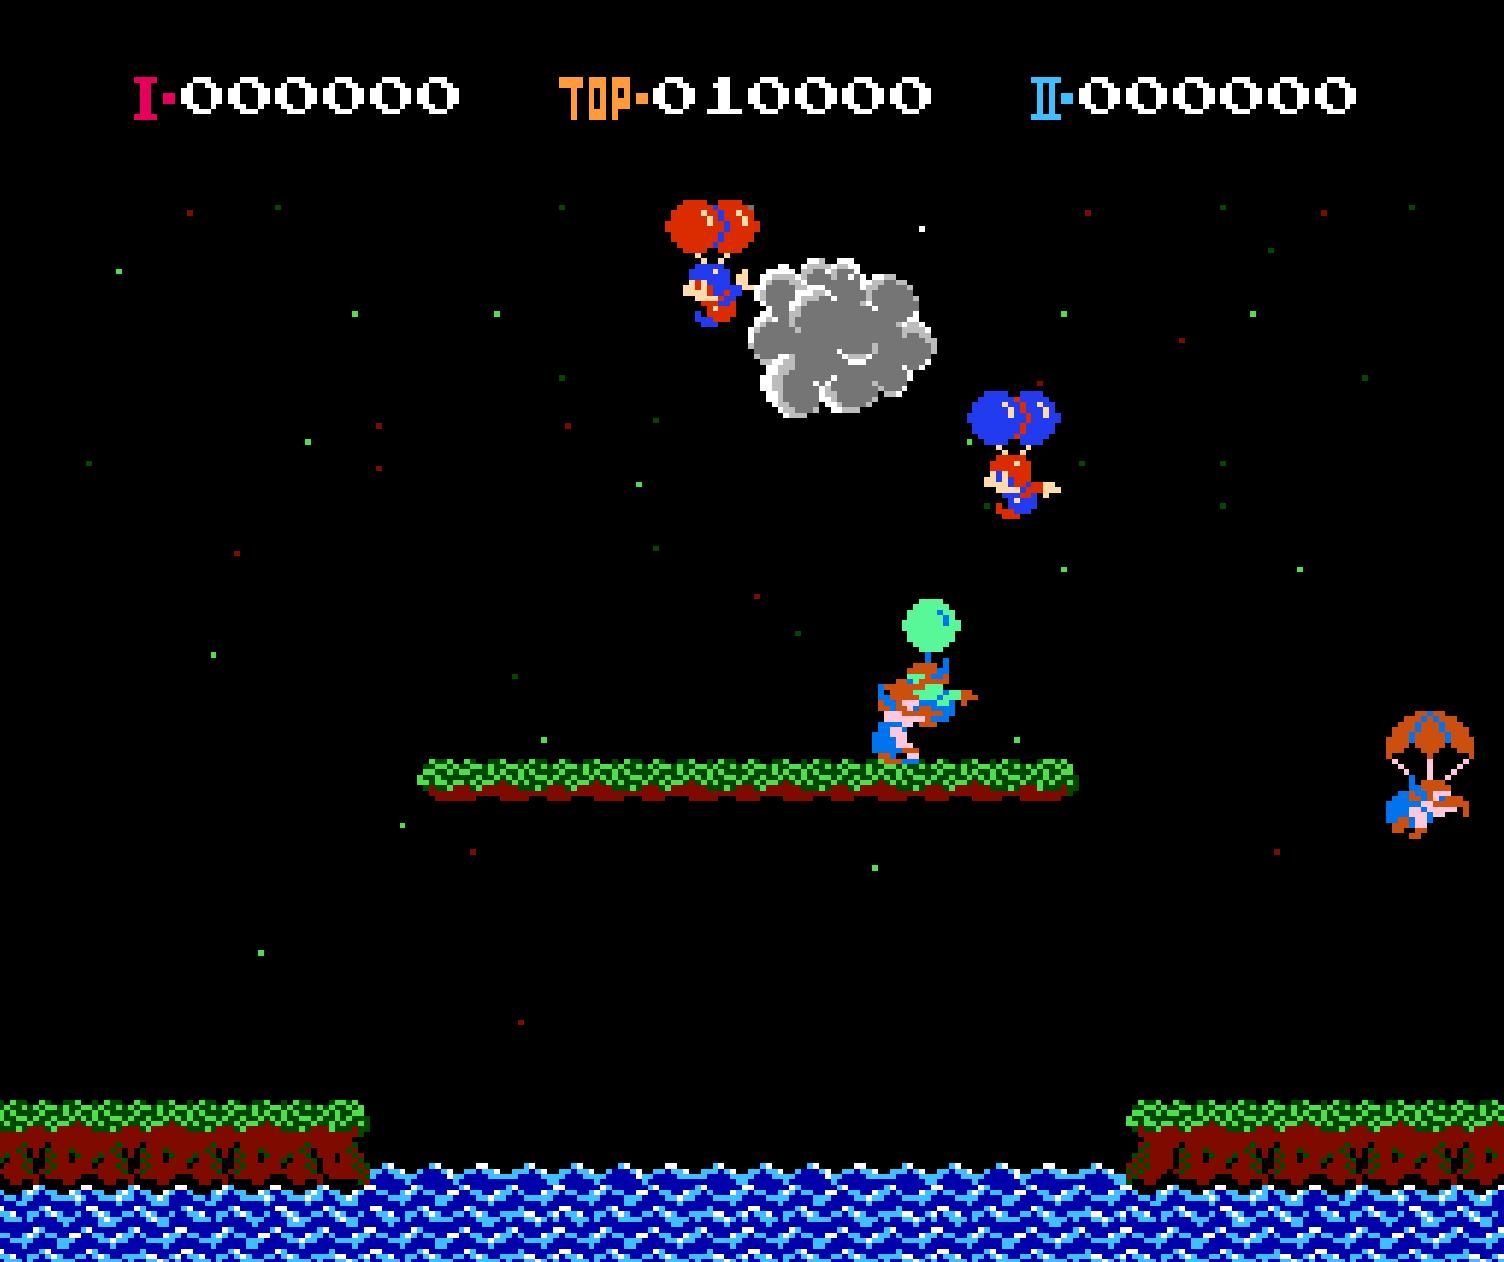 GitHub - rap2363/WhiteRaven: NES Emulator